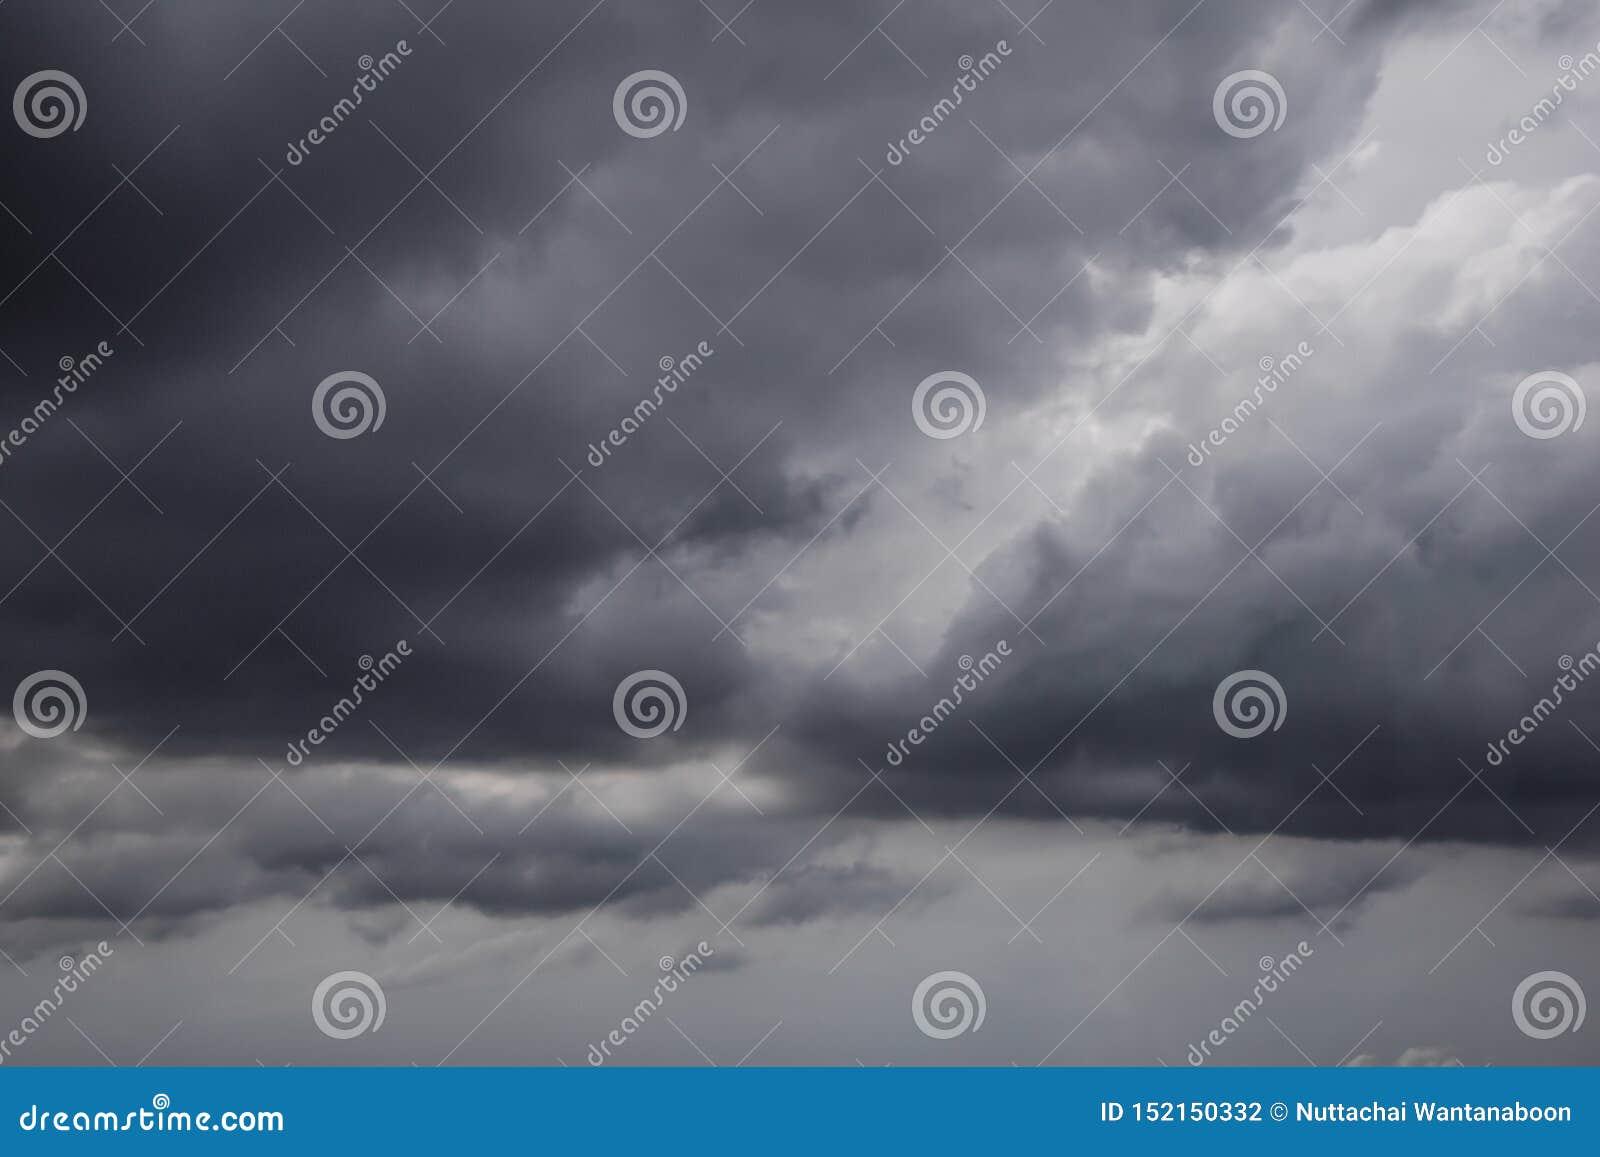 Η μετακίνηση των μαύρων σύννεφων πριν από τη βροχή, περιοχή σύννεφων θύελλας, μαύρα σύννεφα διαμορφώνει επάνω από τον ουρανό πρίν